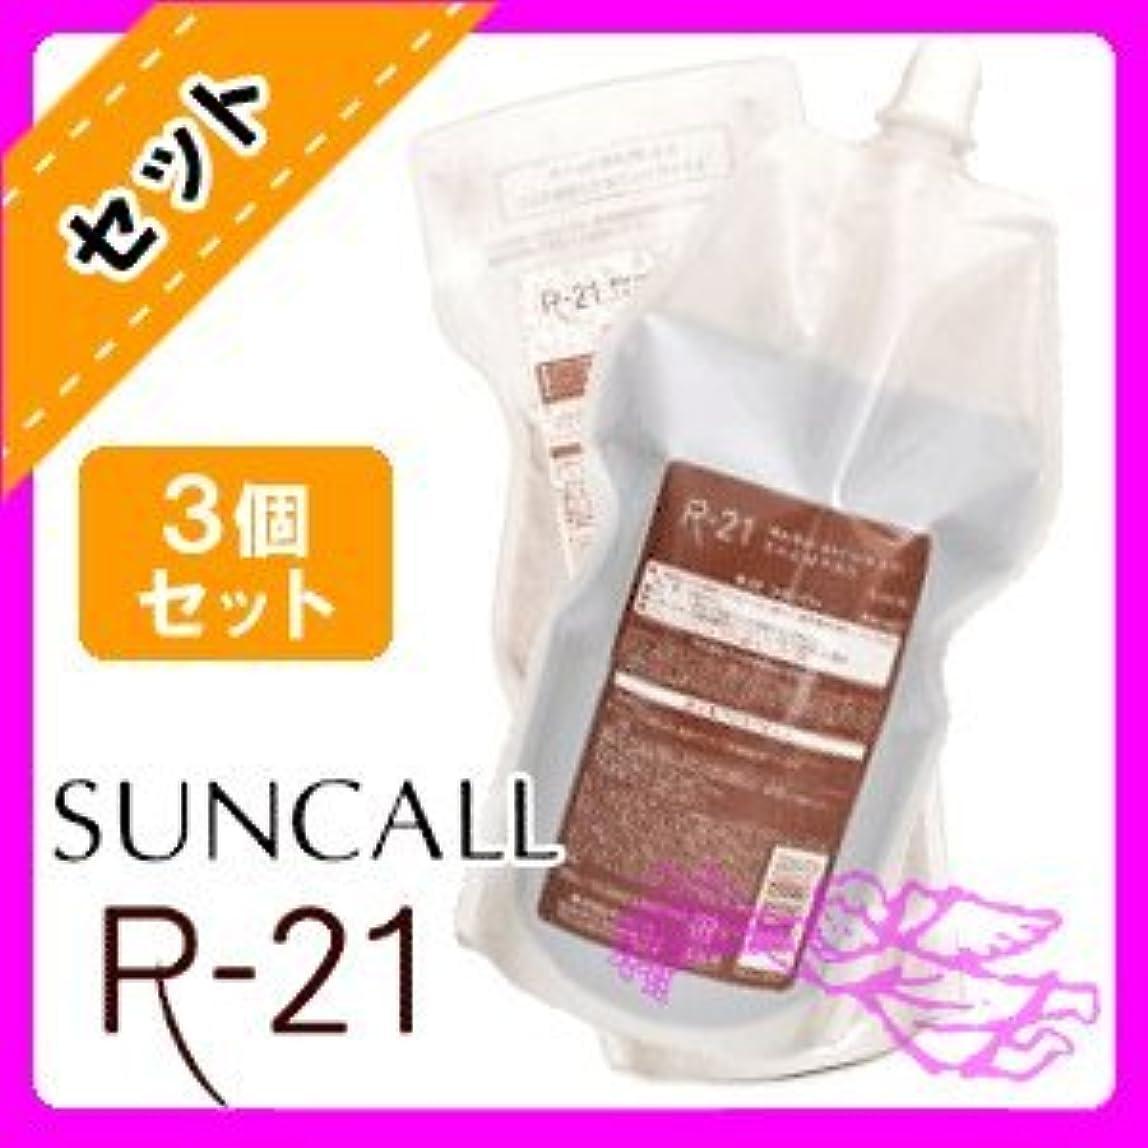 サンコール R-21 シャンプー 700mL × 3個 セット & トリートメント 700g × 3個 セット 詰め替え用 セット 頭皮の汚れを除去し、髪にハリ?コシを与えます SUNCALL R-21